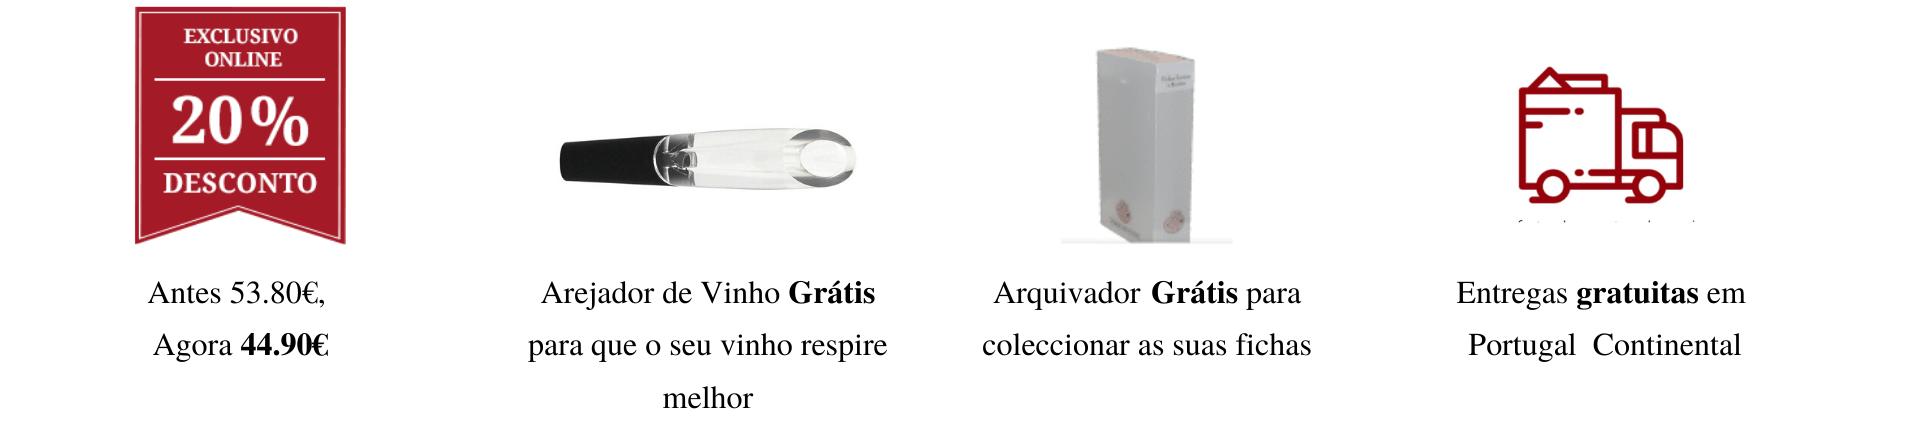 CVS_4 OFERTAS DE ADESÃO